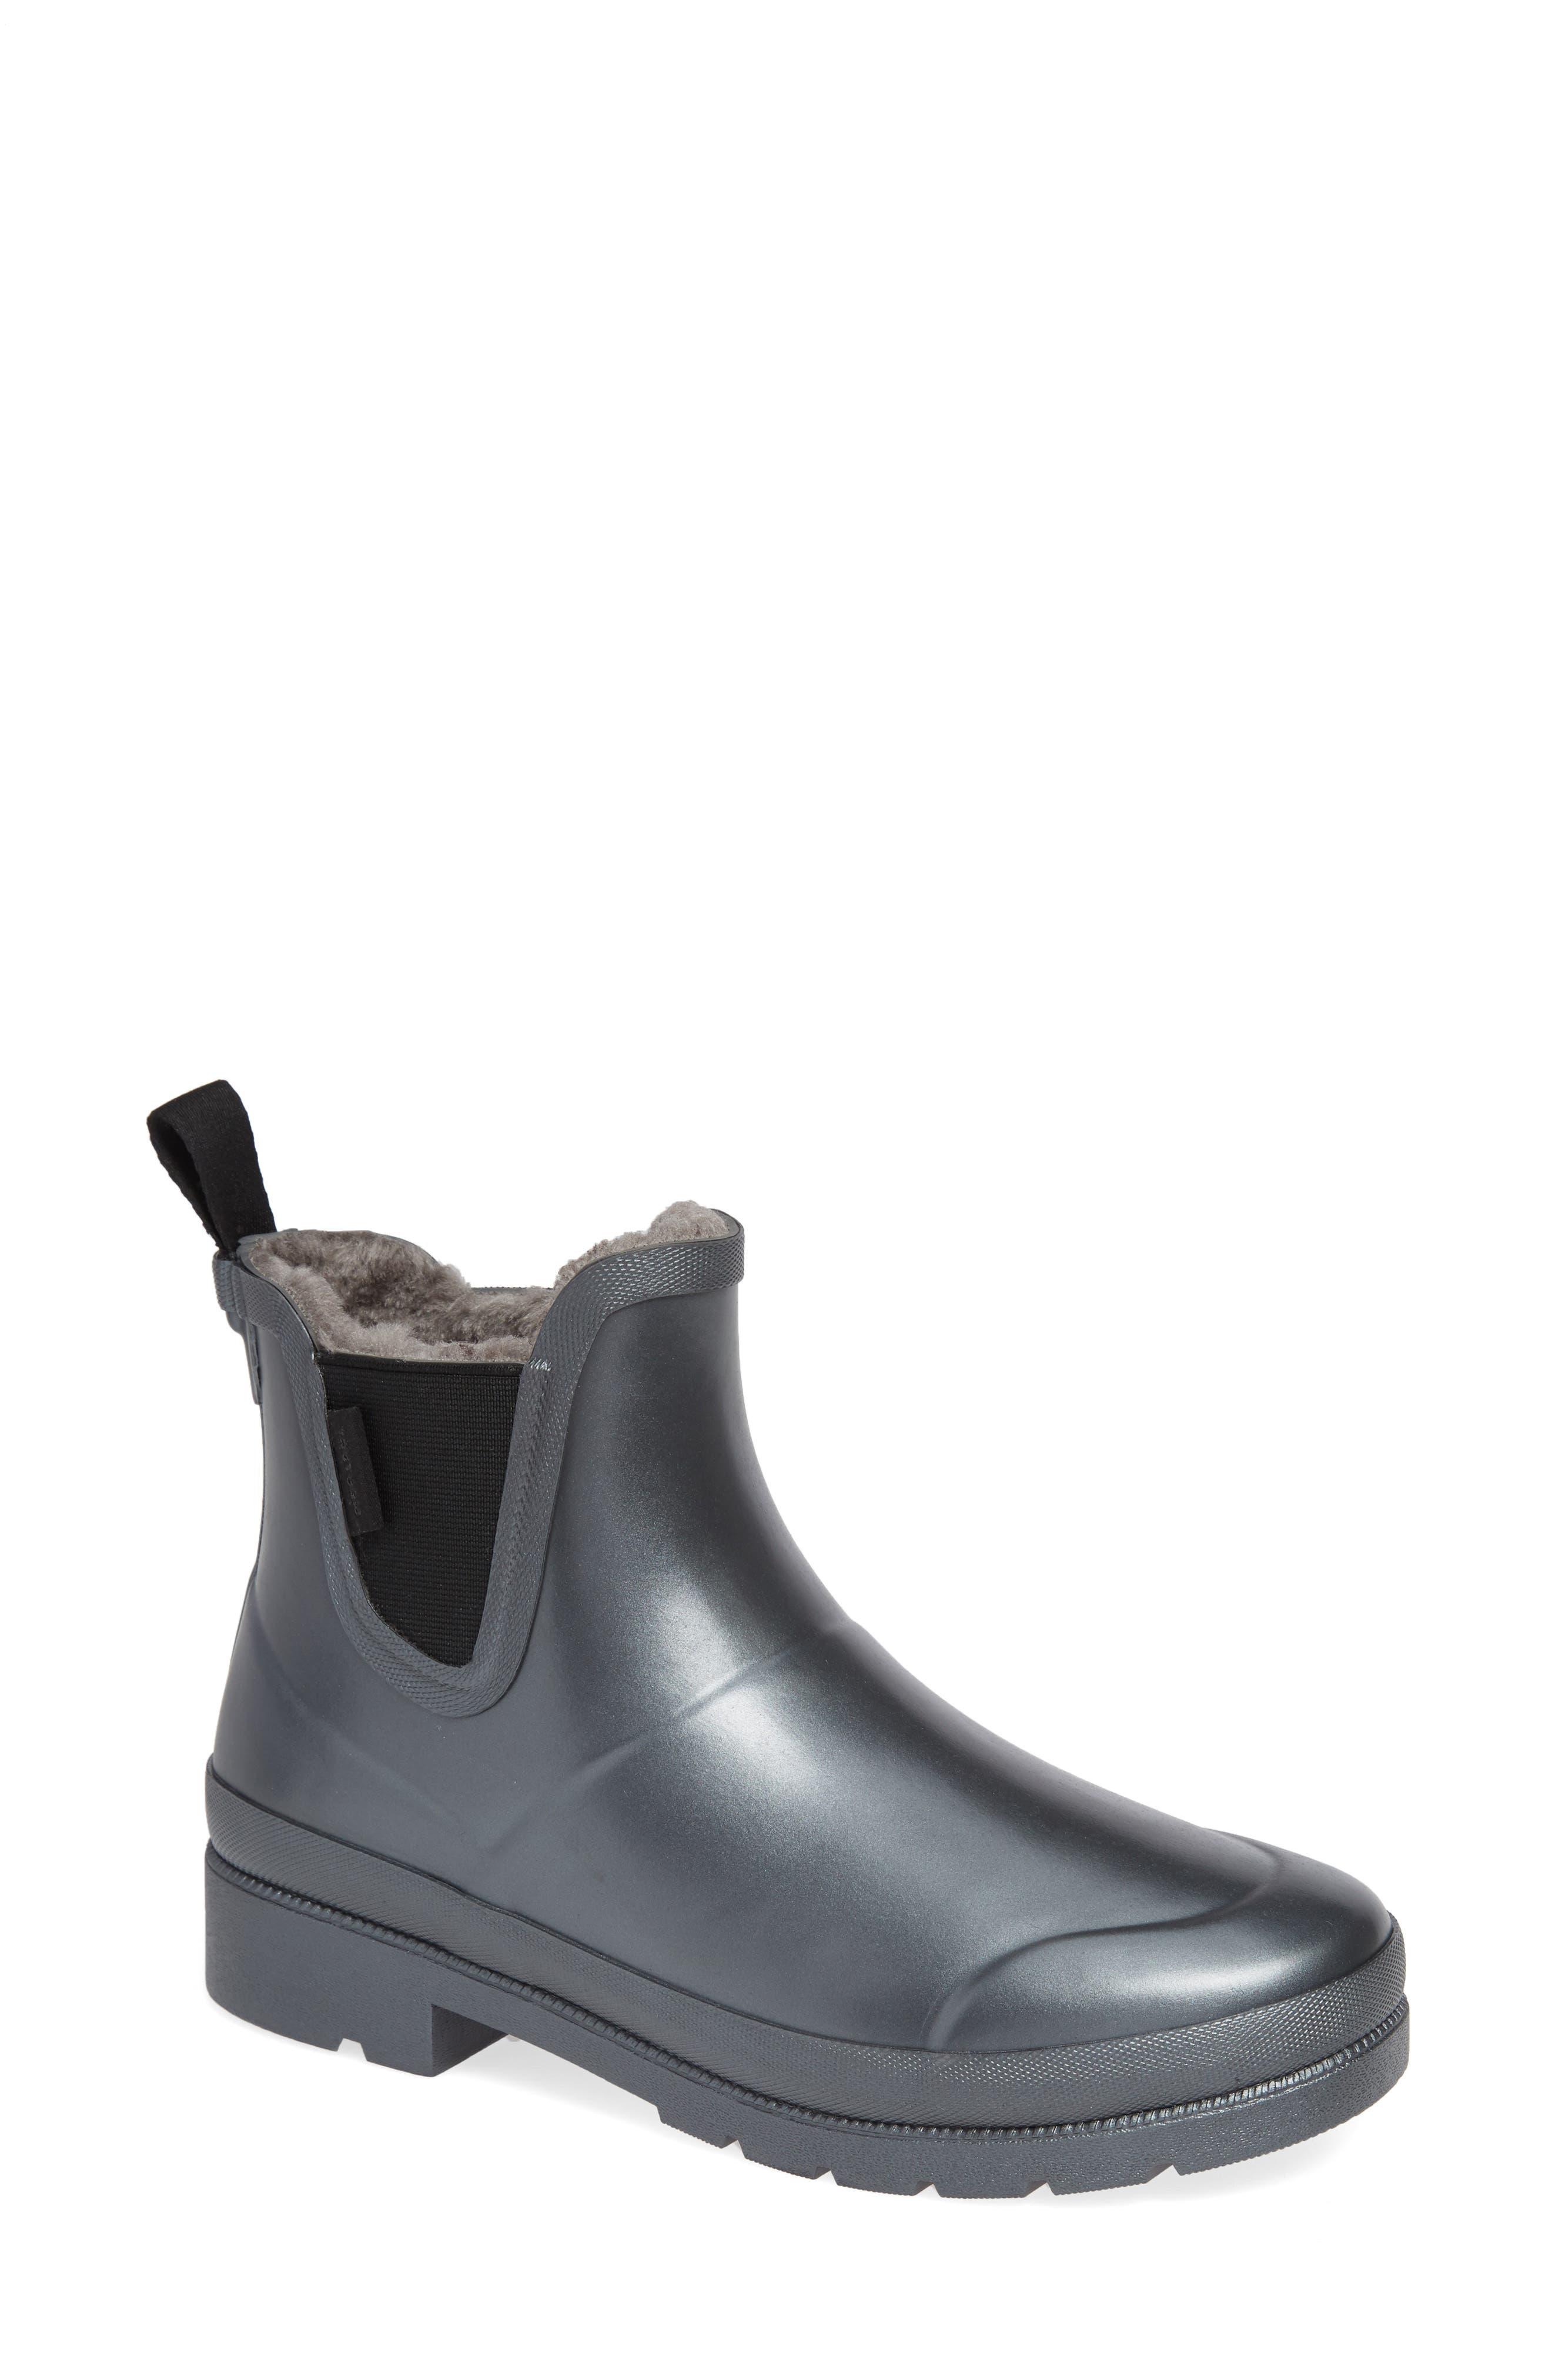 045c24fb77c55 Tretorn Chelsea Rain Boot